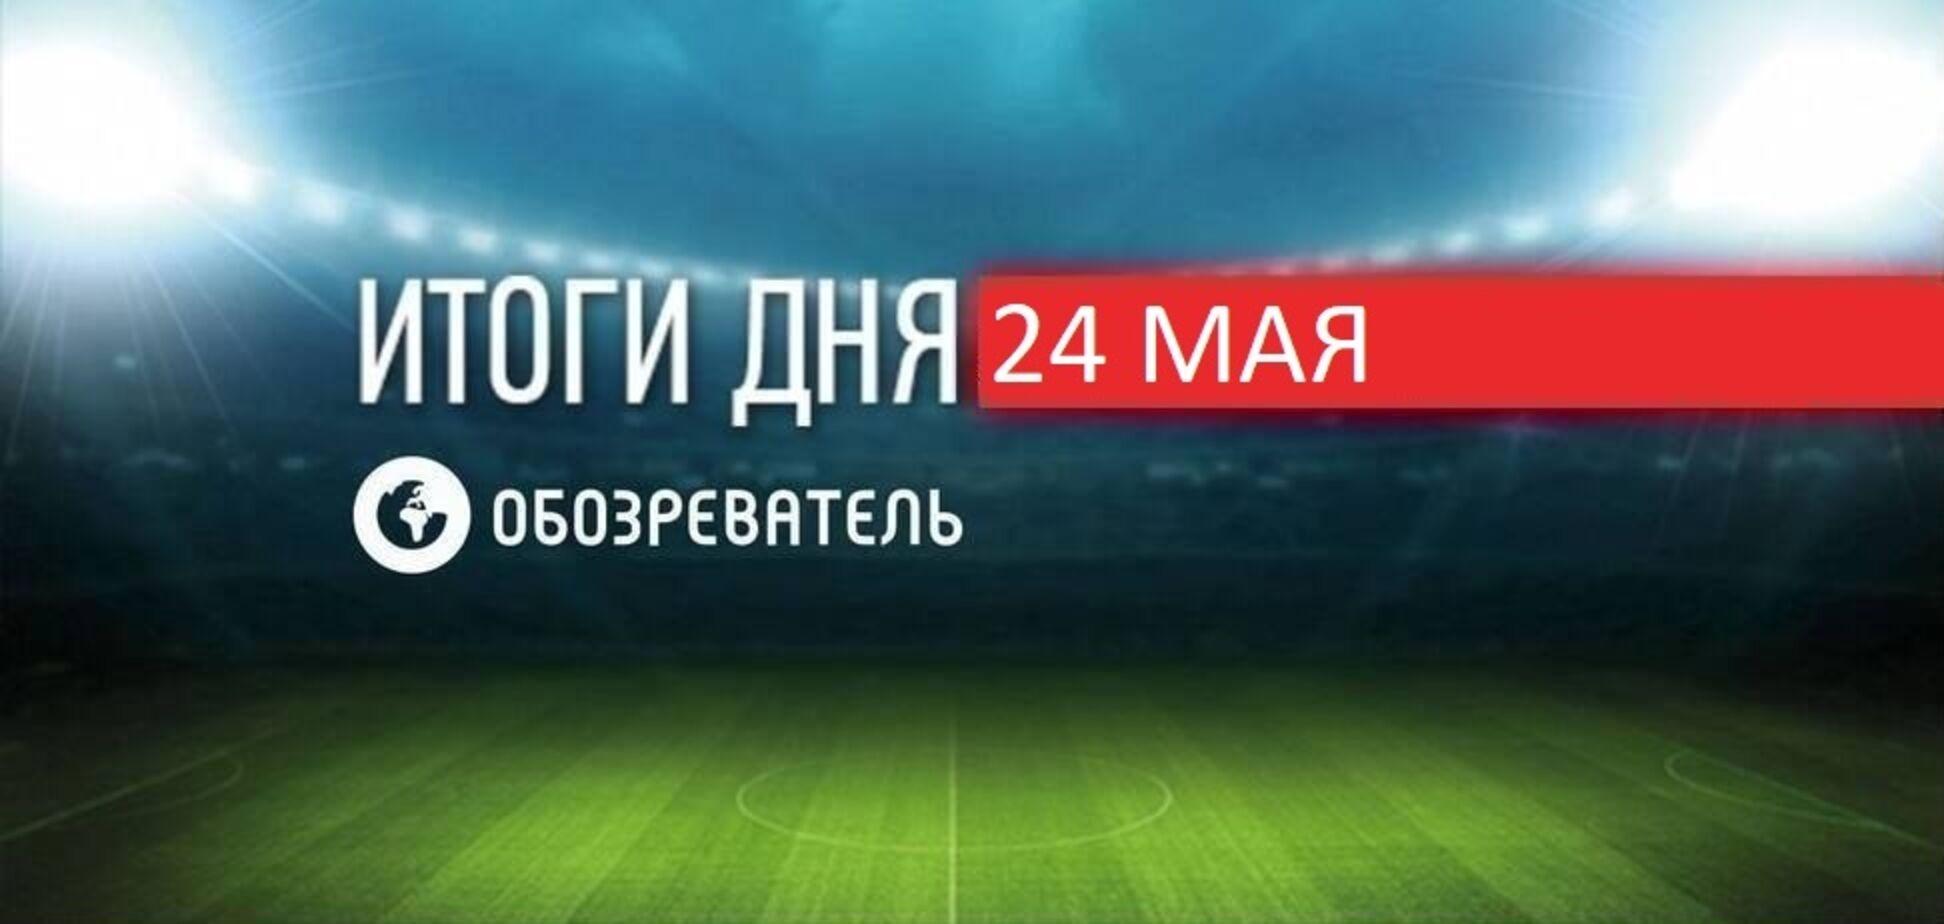 Новини спорту 24 травня: дипскандал з прапором Білорусі на ЧС з хокею, $700 тисяч за 'золото' ОІ для Ломаченка